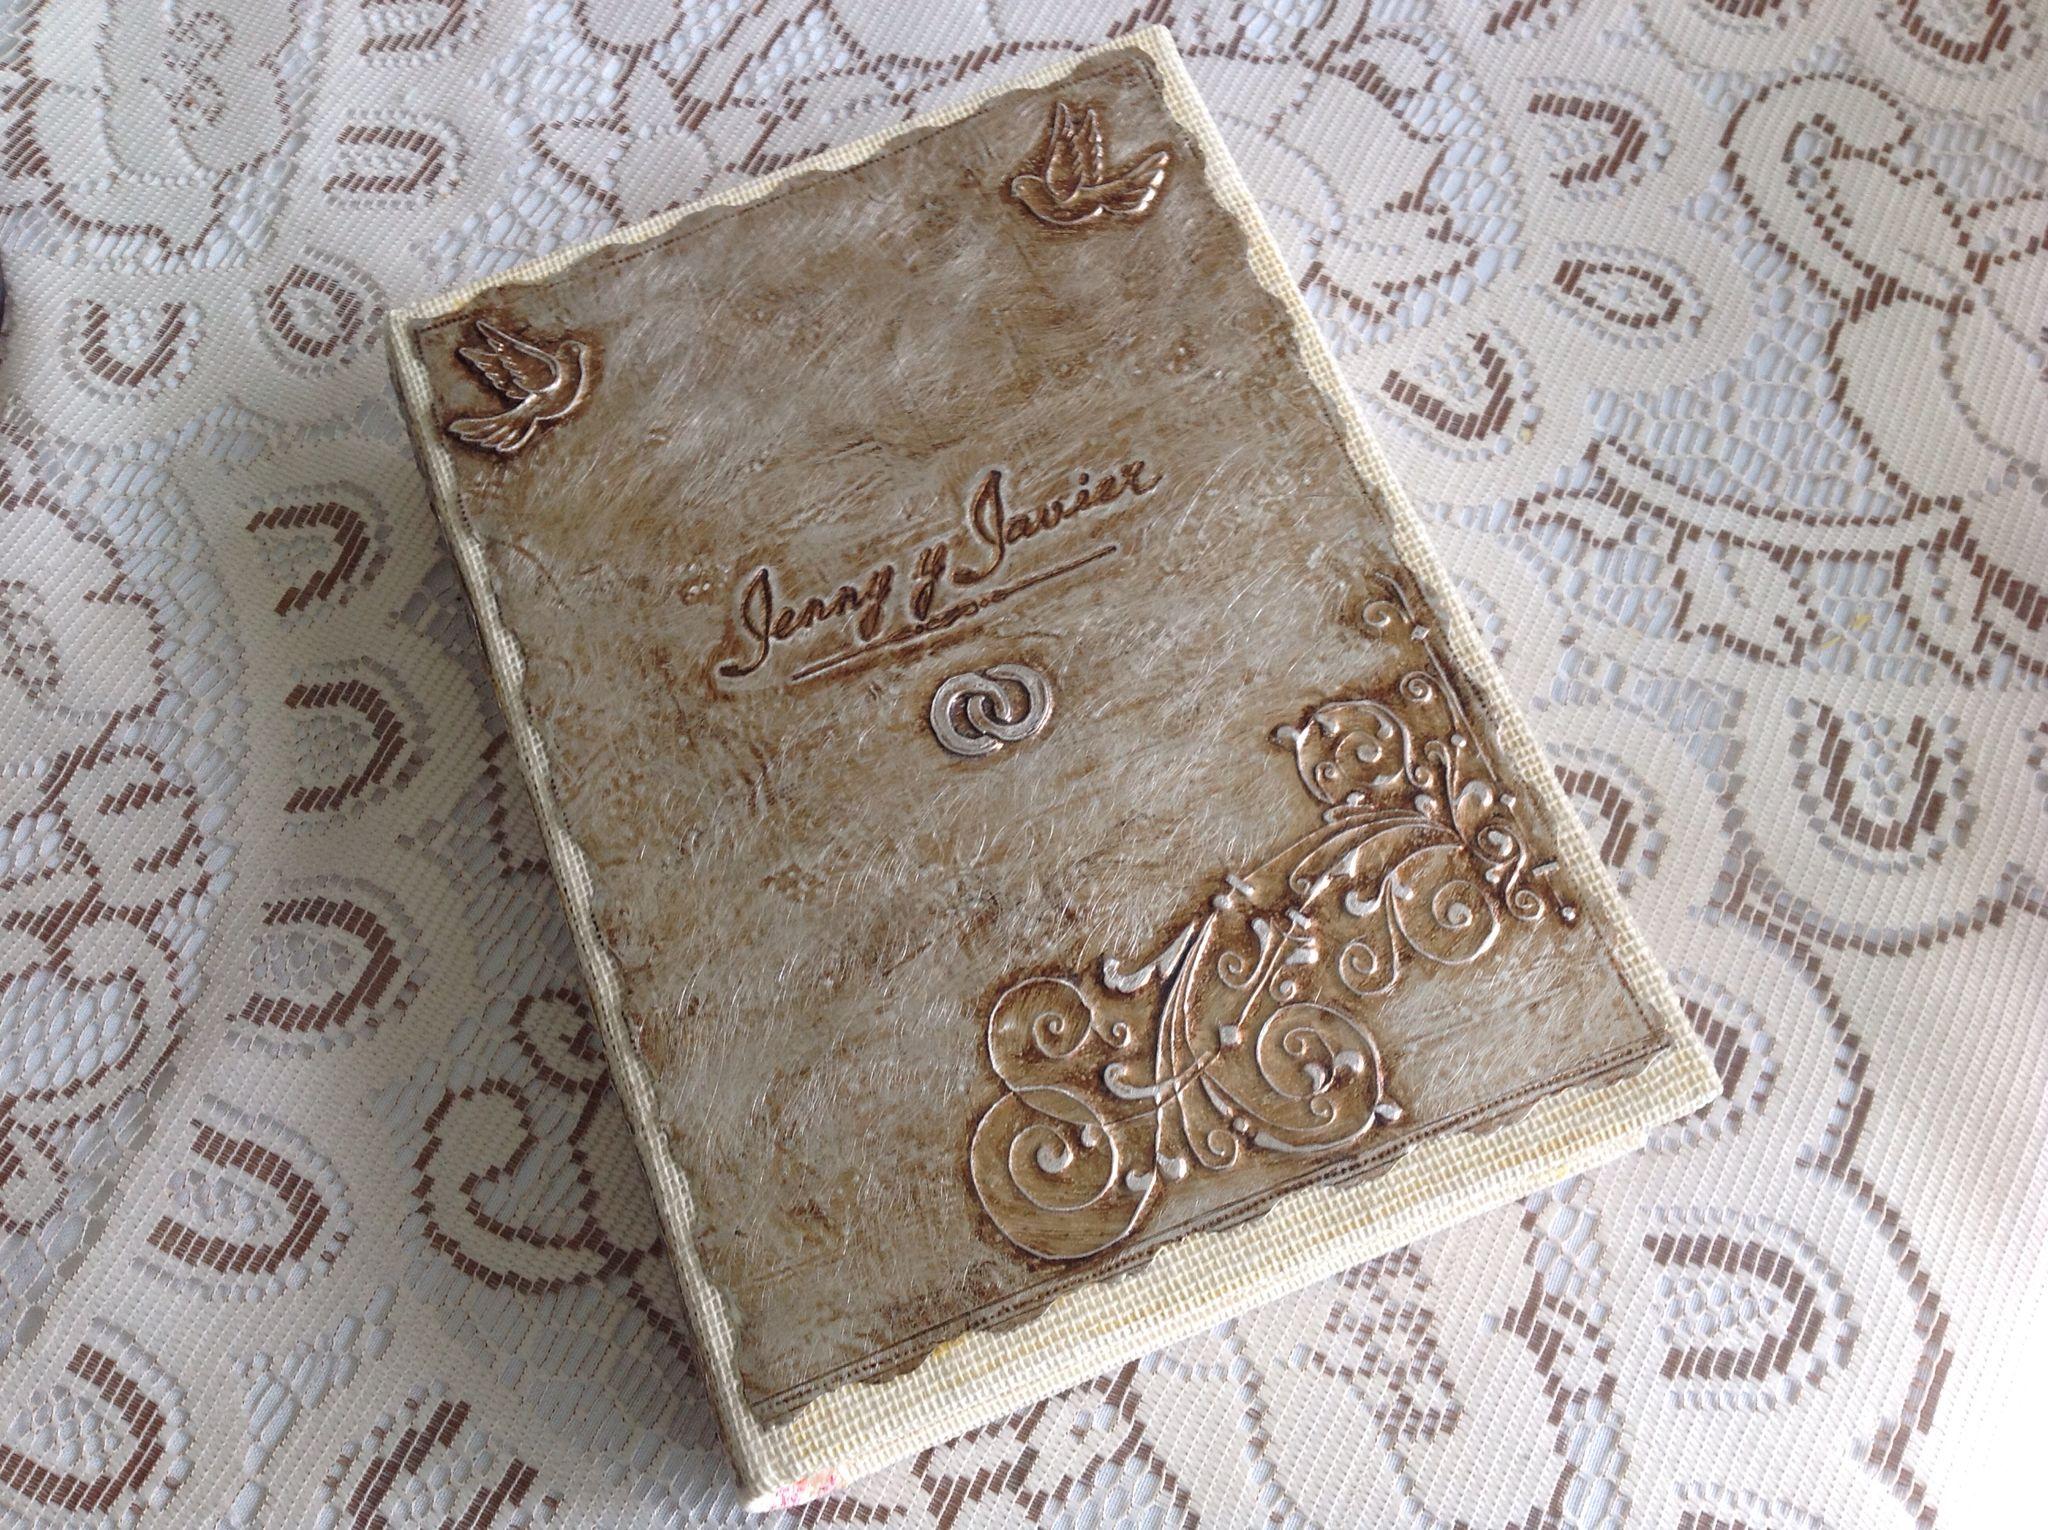 Biblia Para Matrimonio : Versículos bíblicos para tu matrimonio religioso